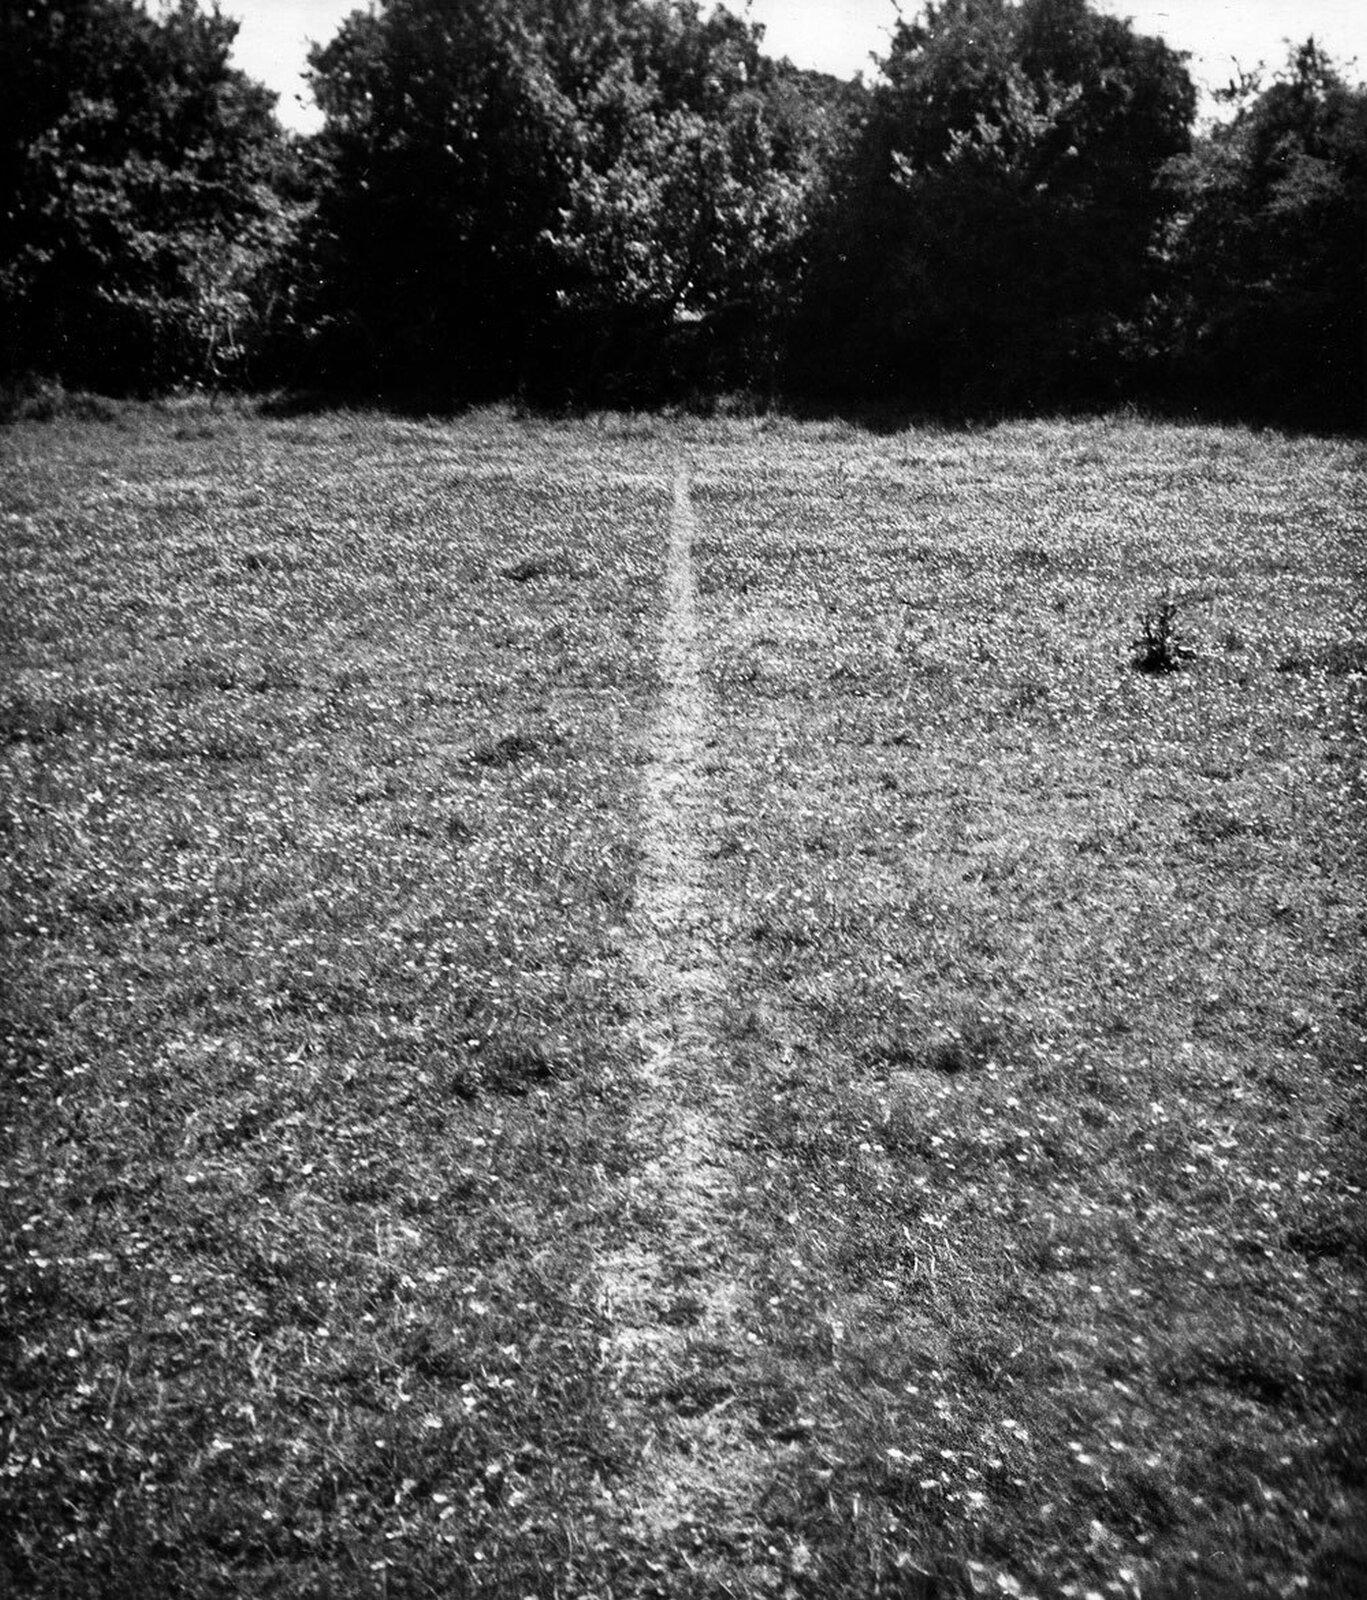 Ilustracja przedstawia wydeptaną linię na trawie. Została ona utworzona przez chodzenie. Ślad został stworzony wwyniku chodzenia artysty po prostej tam izpowrotem, do momentu wyraźnego zarysowania się linii na trawie.